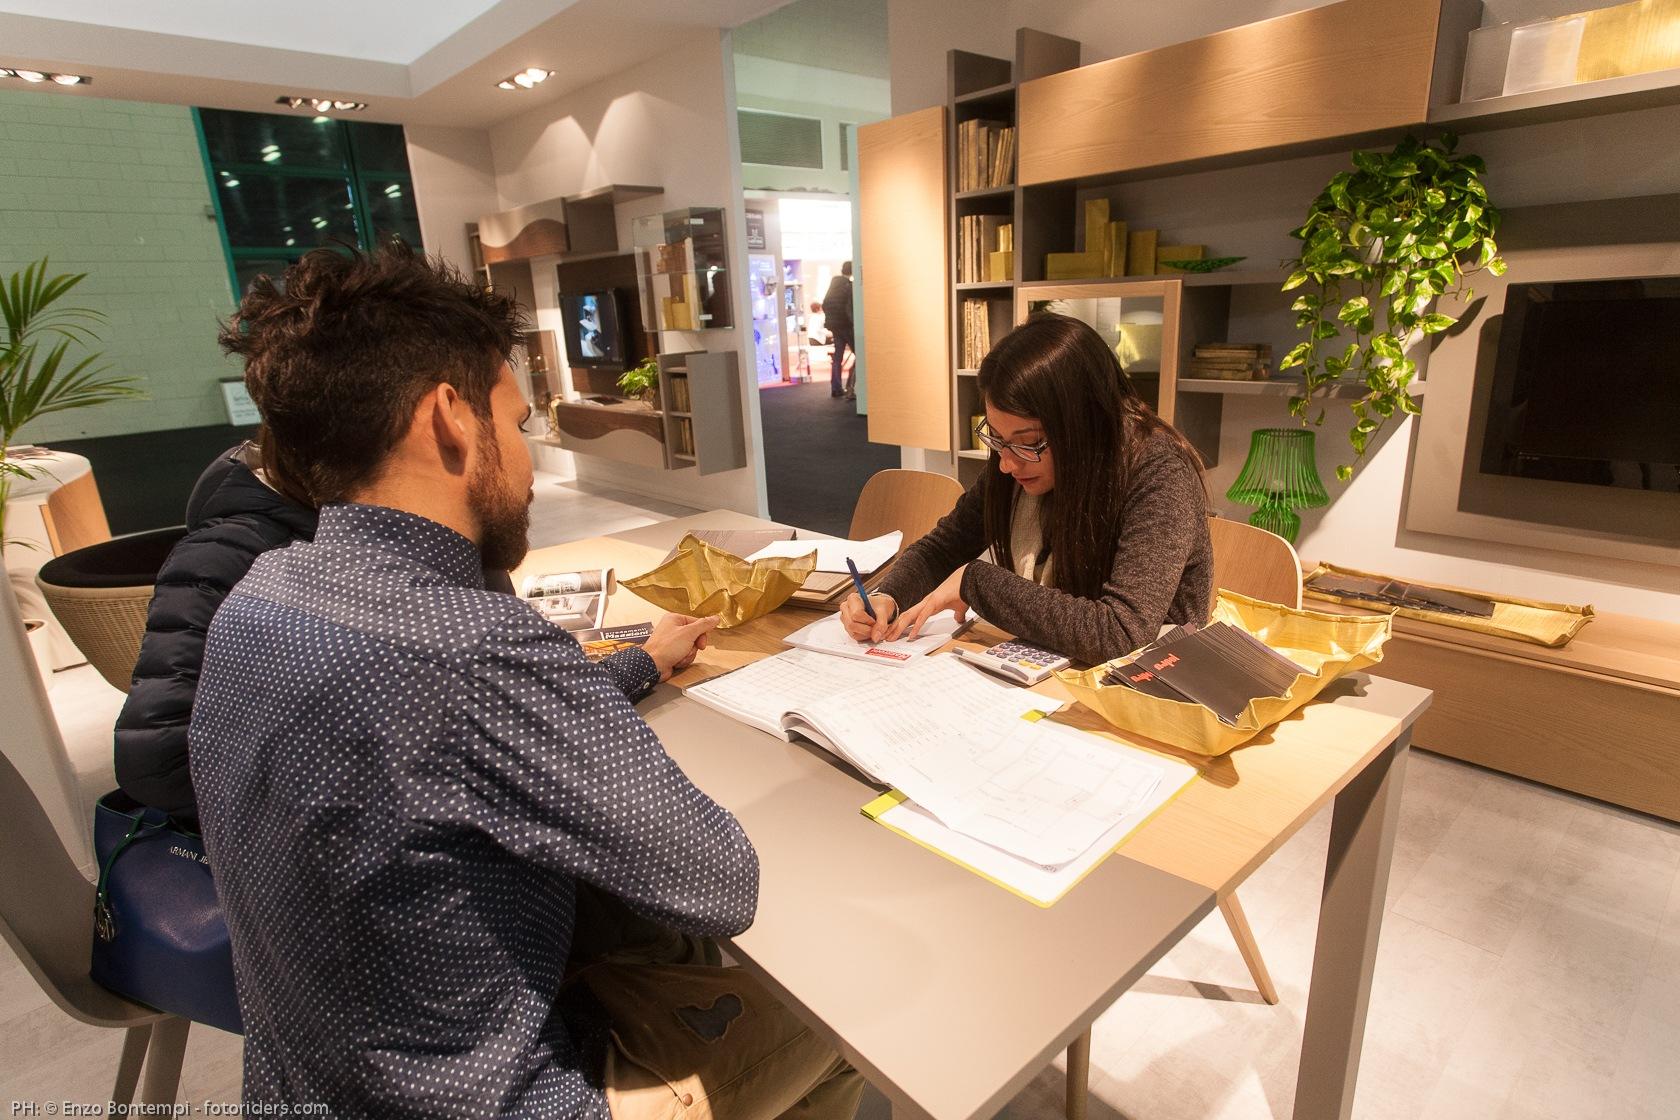 Consulenza gratuita di professionisti salone del mobile for Salone del mobile a bergamo